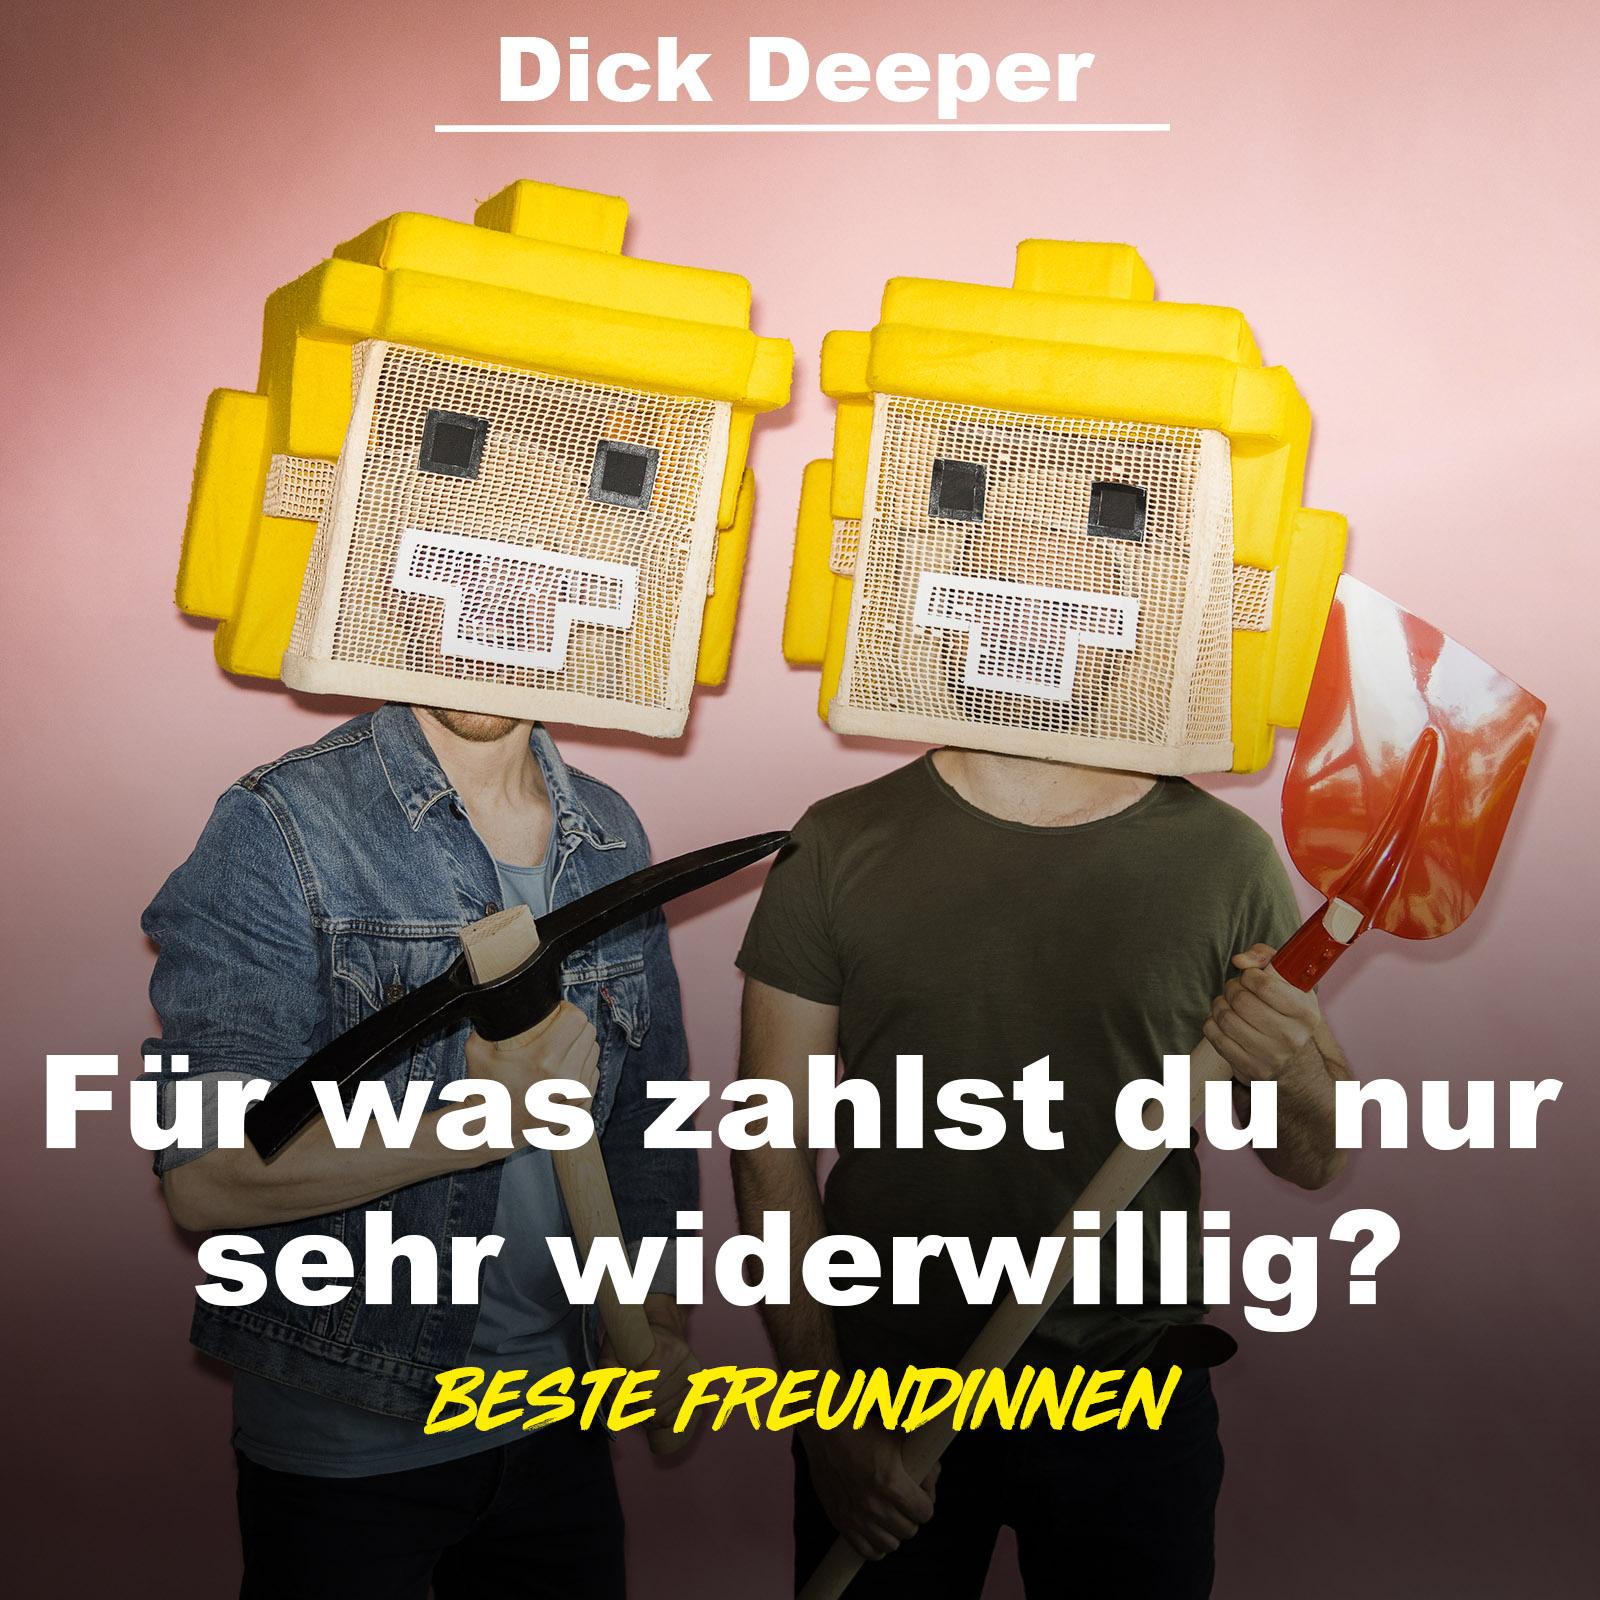 DICK DEEPER - Für was zahlst du nur widerwillig